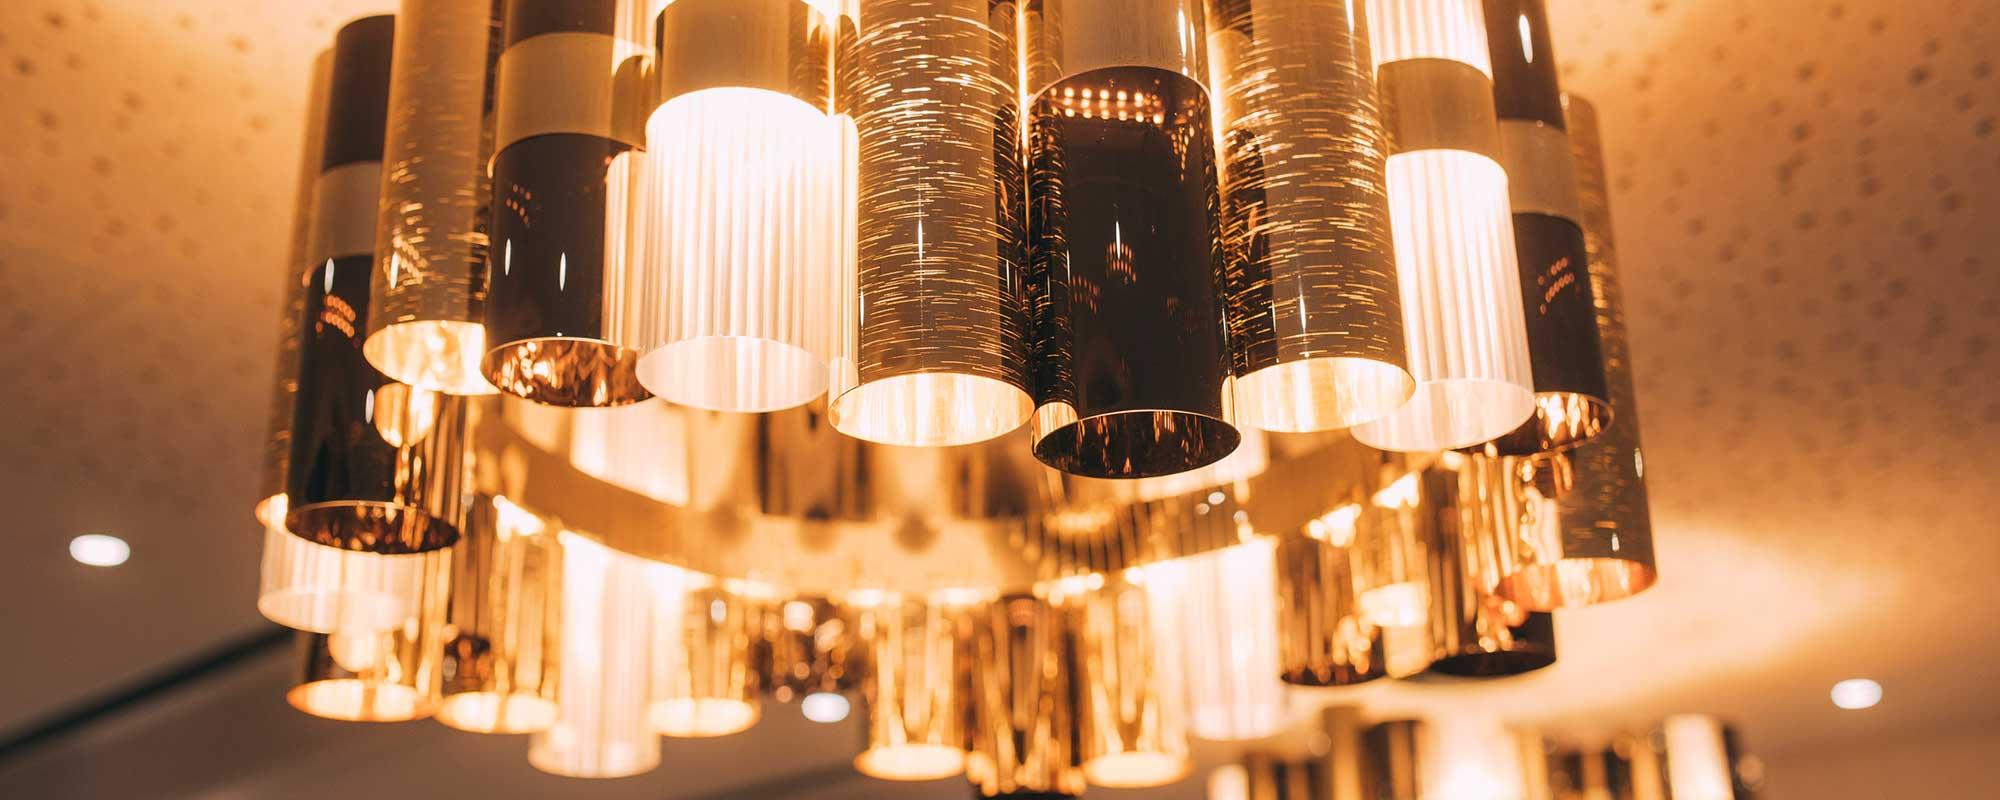 Dekoration mit Lampen in der Zahnarztpraxis ZBB in Baden-Baden.